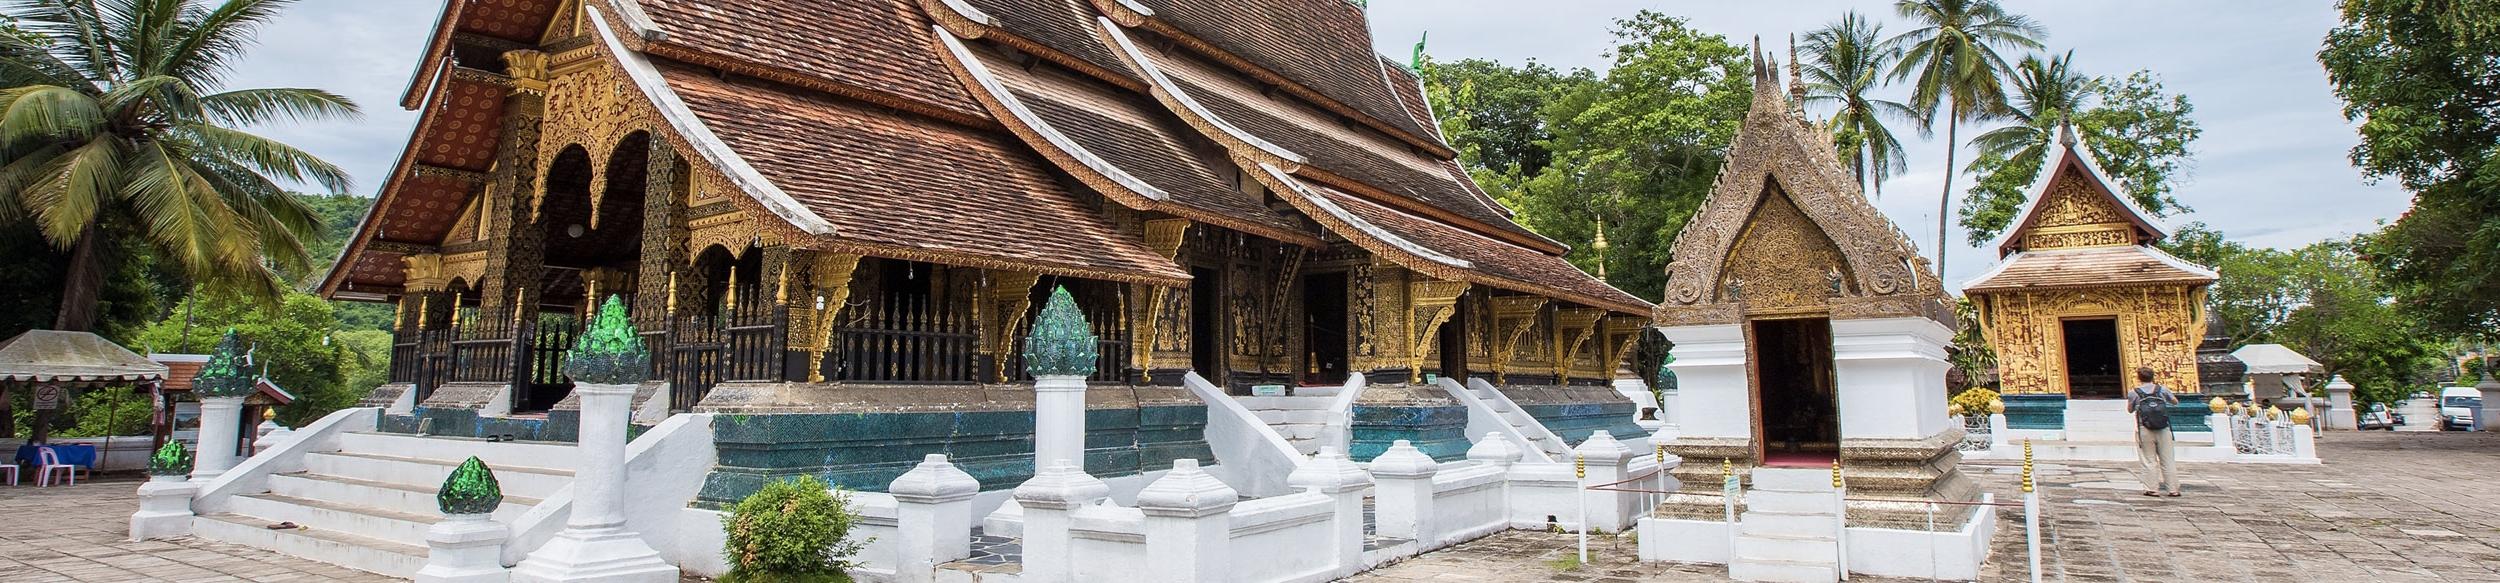 Temple Wat Xieng Thong à Luang Prabang, voyage au Laos